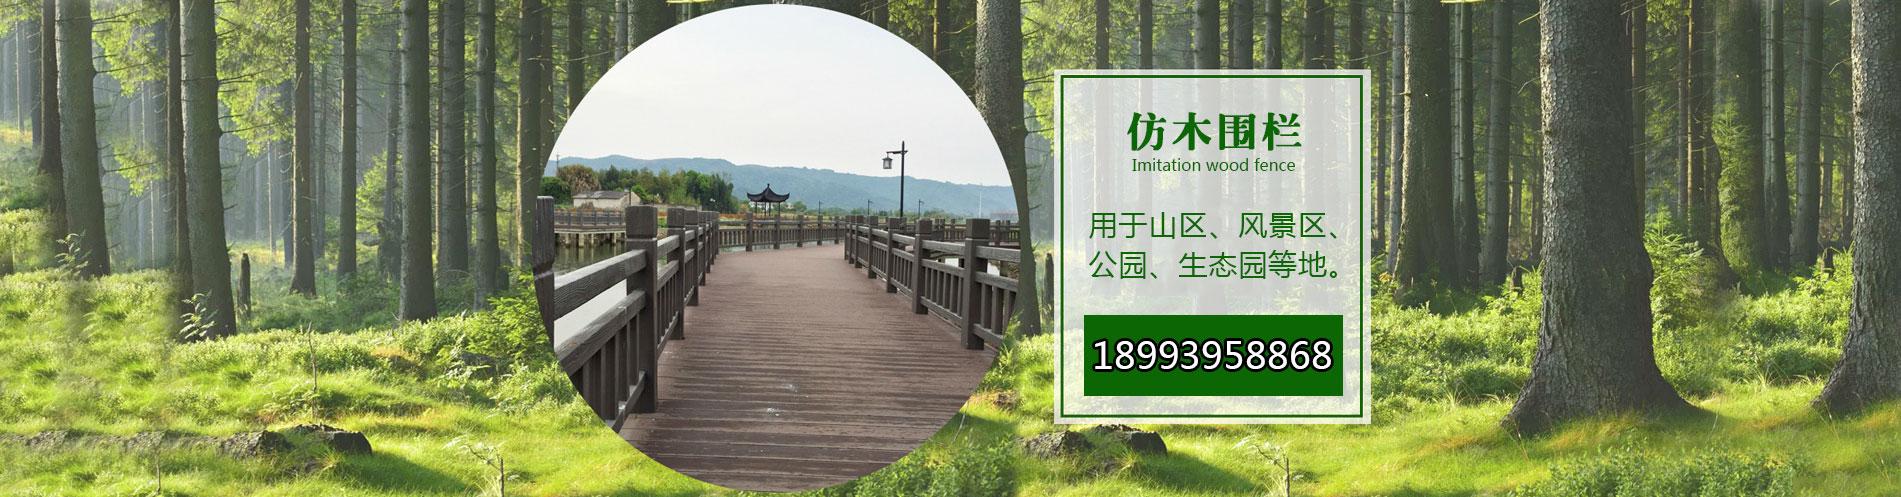 甘肃仿木围栏主要用于山区、风景区、公园、生态园等地。